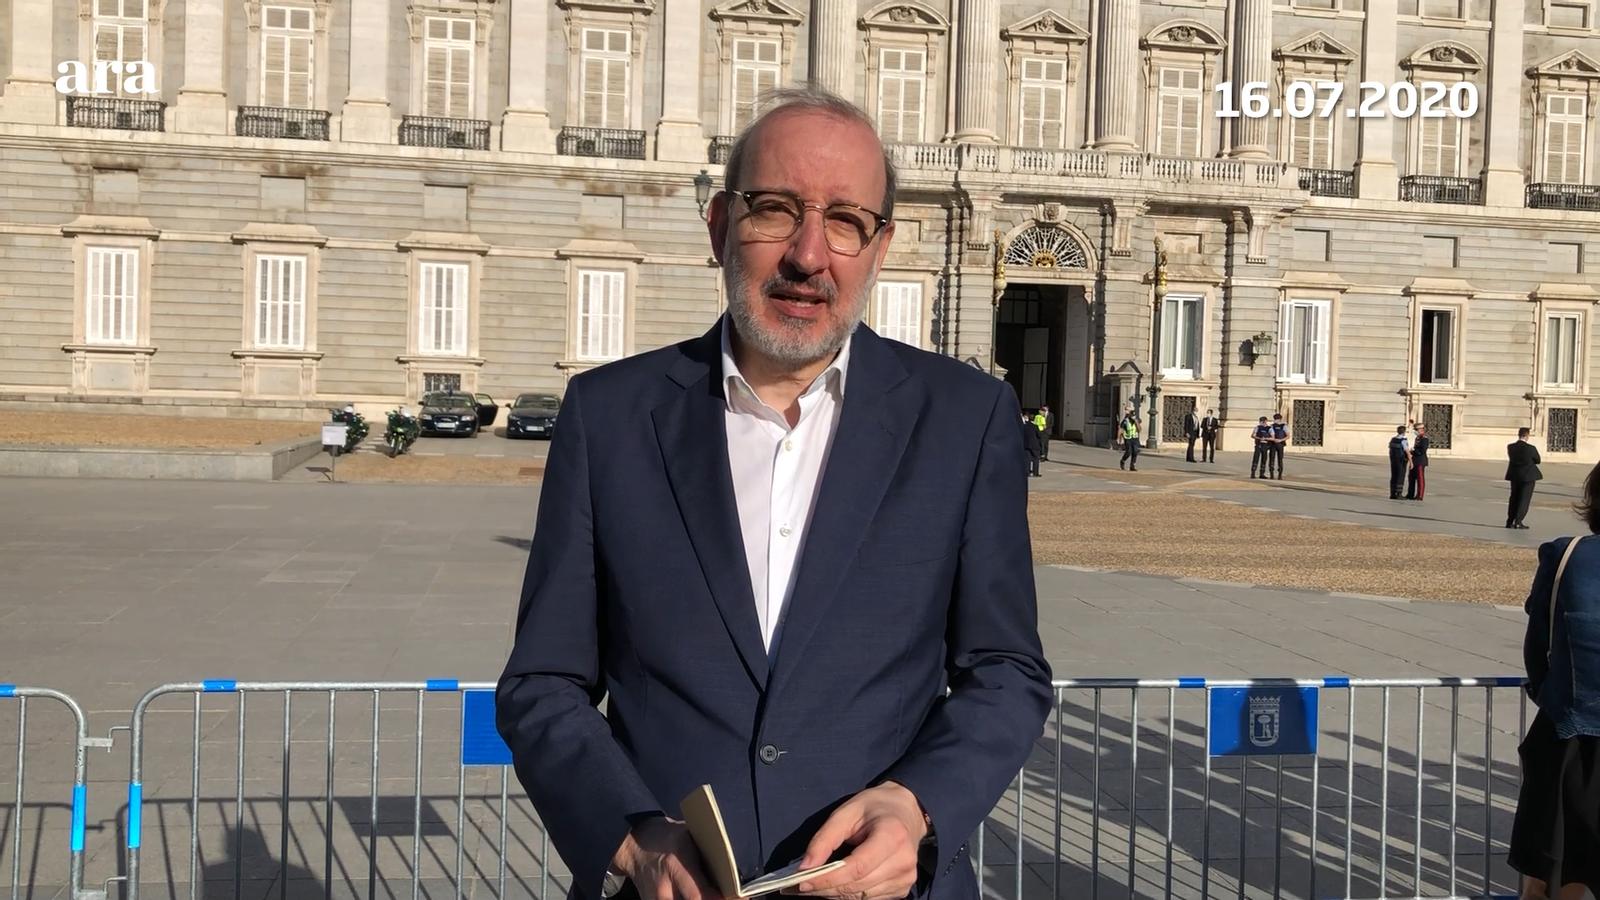 L'anàlisi d'Antoni Bassas: 'A Madrid, en memòria de les víctimes'